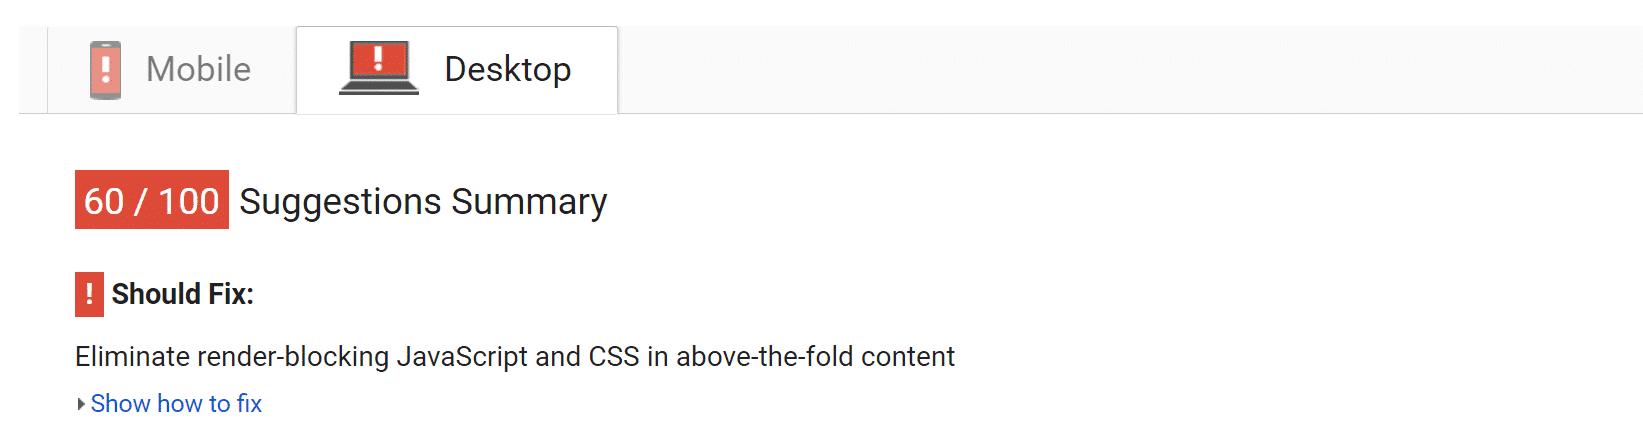 Elimineer render-blocking Javascript en CSS voor content boven de fold